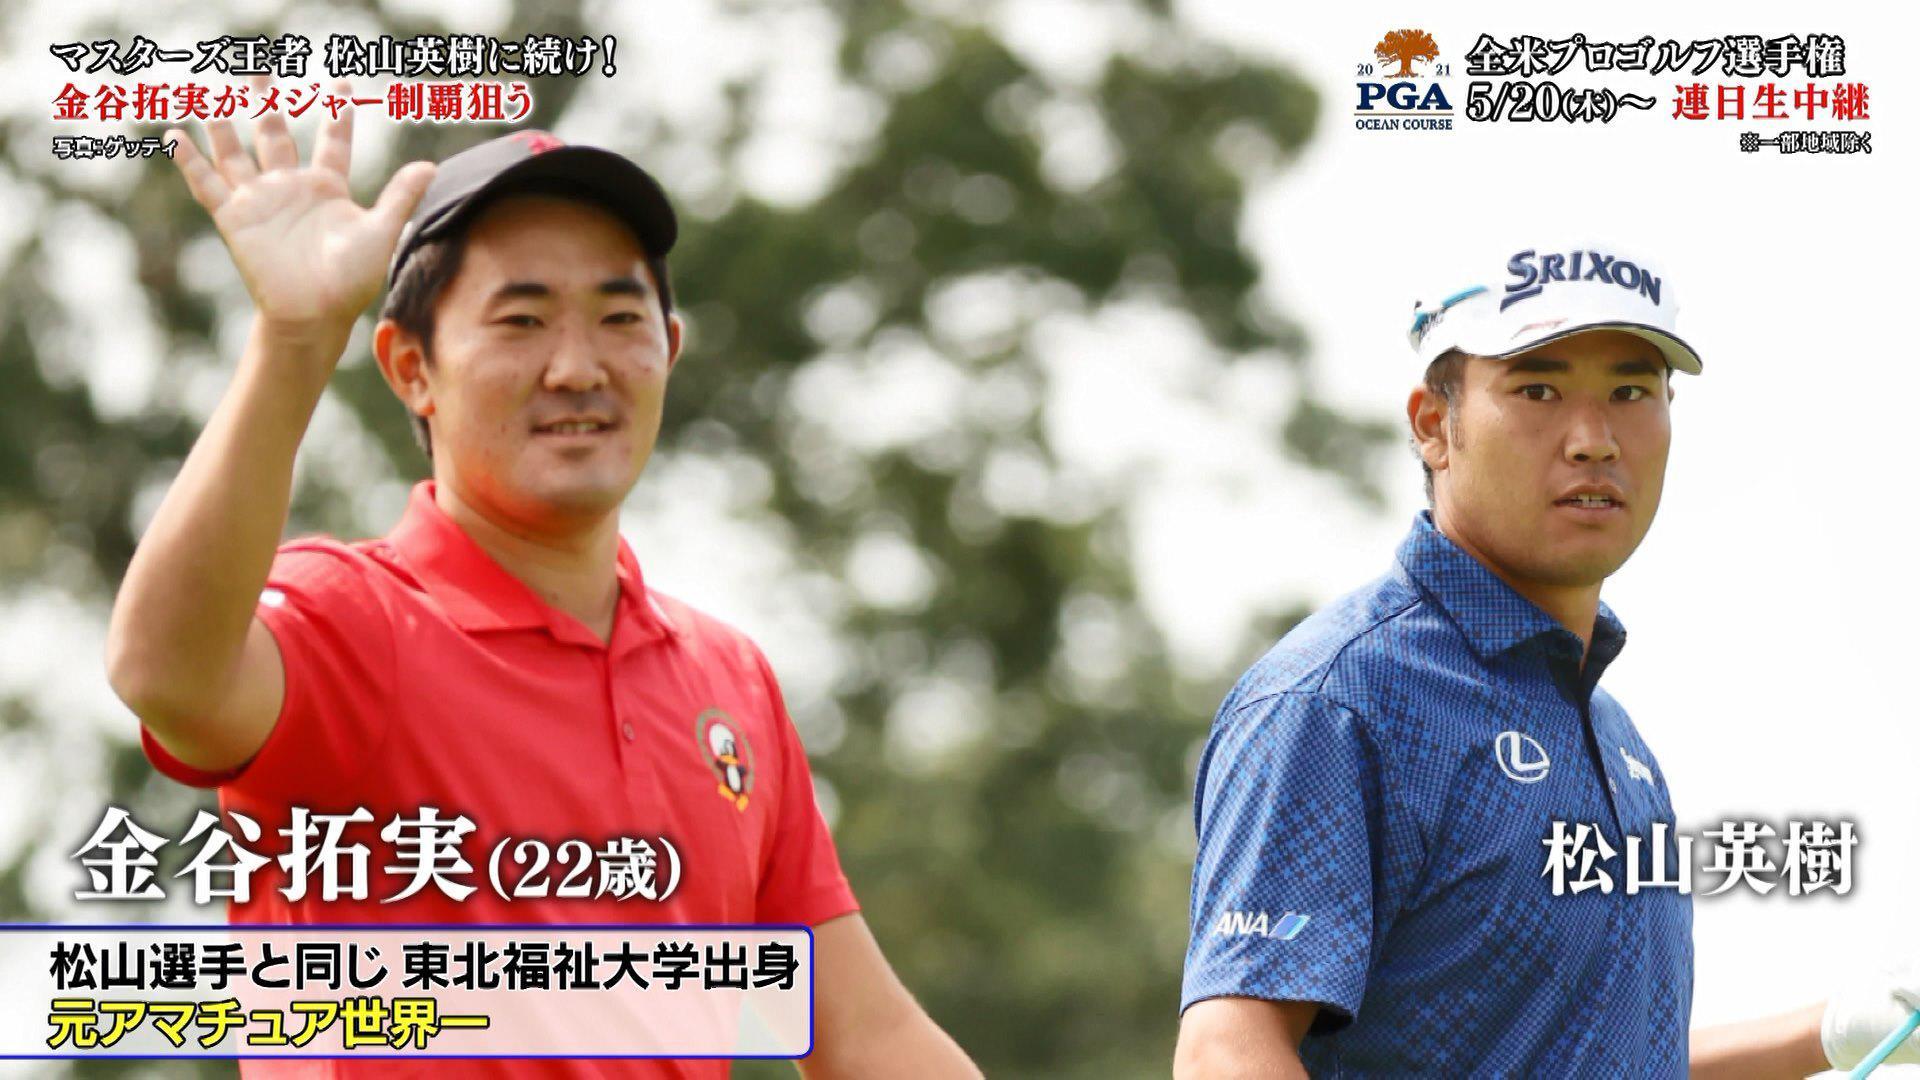 【みどころ】松山英樹と金谷拓実が世界へ挑む!|全米プロゴルフ選手権